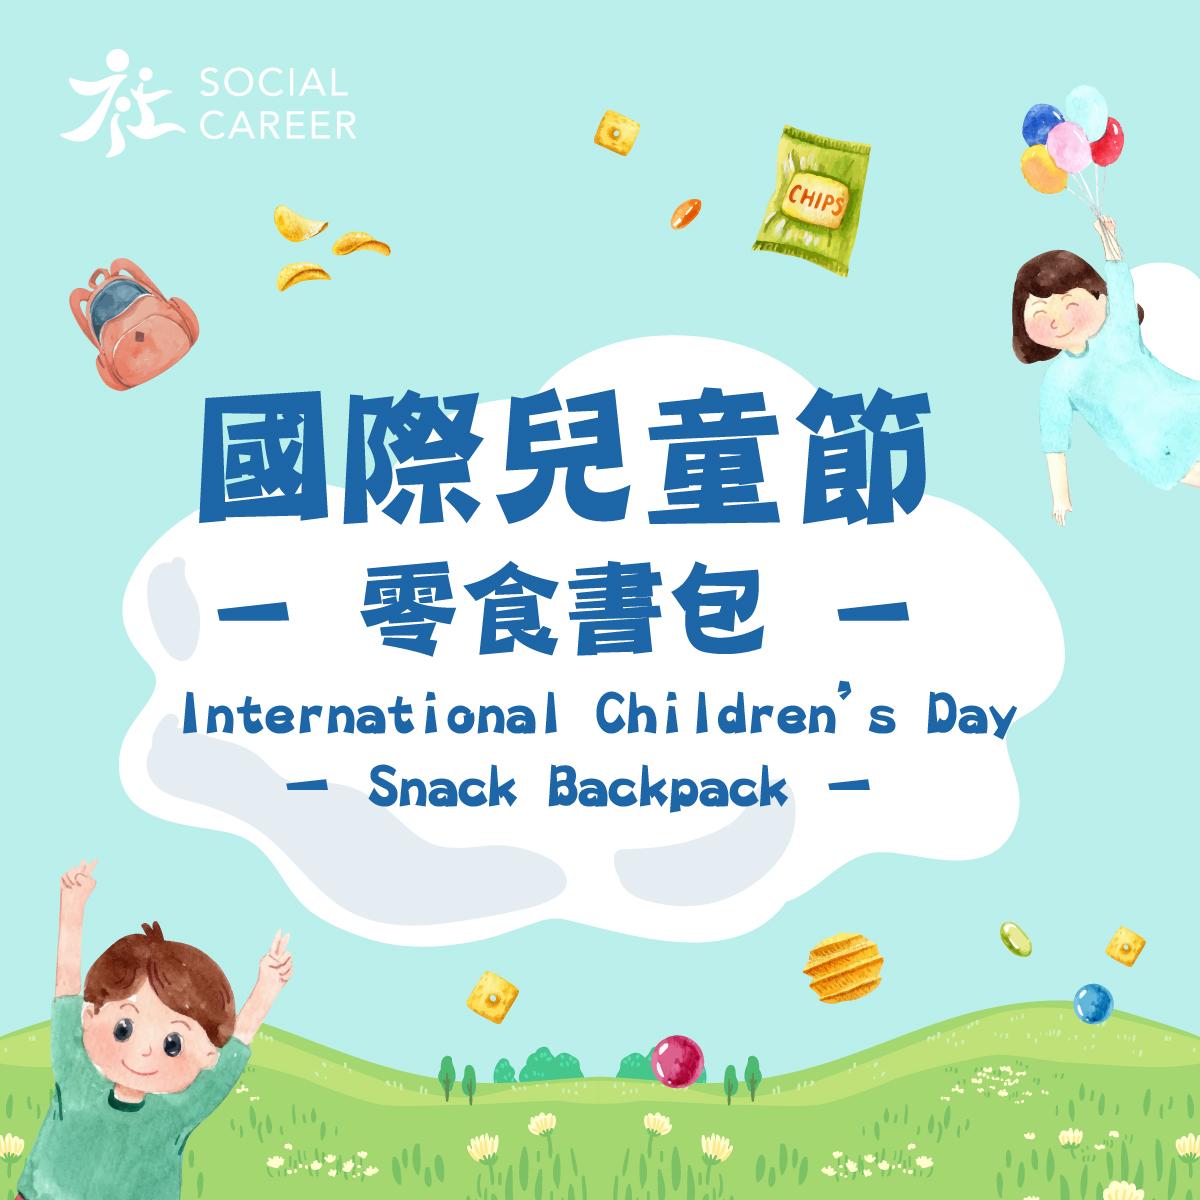 社職國際兒童節-製作零食書包